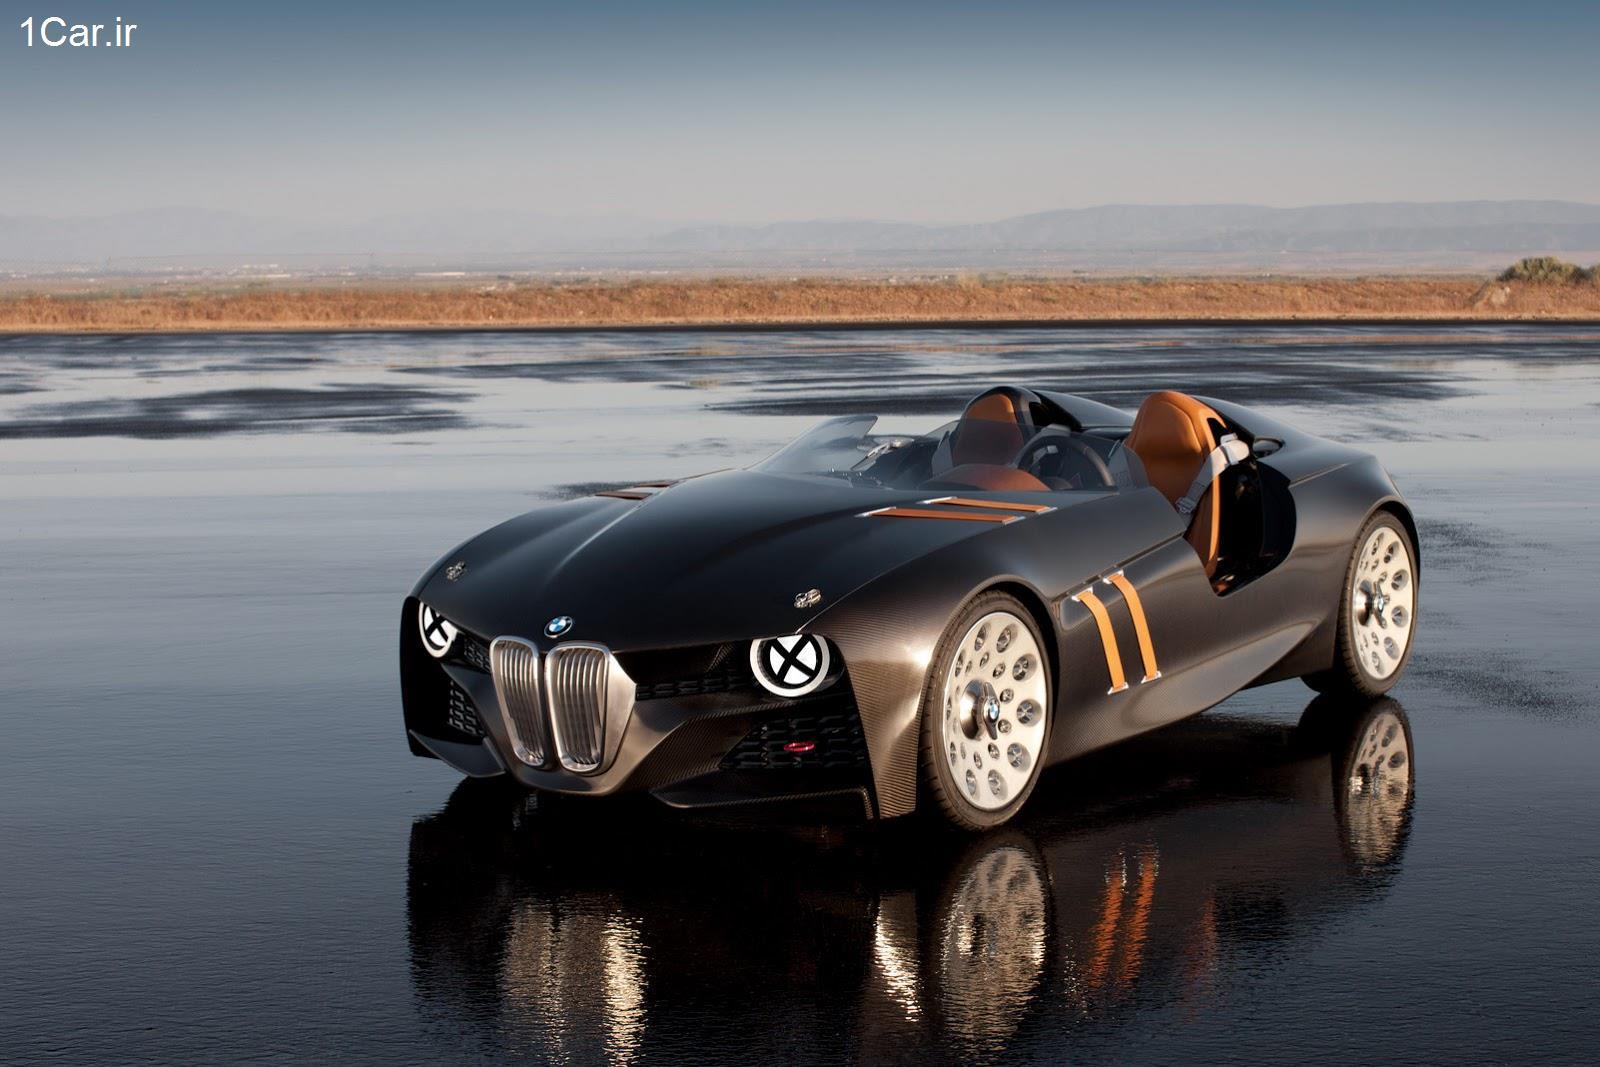 معرفی کانسپت جدید BMW برای ۱۰۰ سال آینده